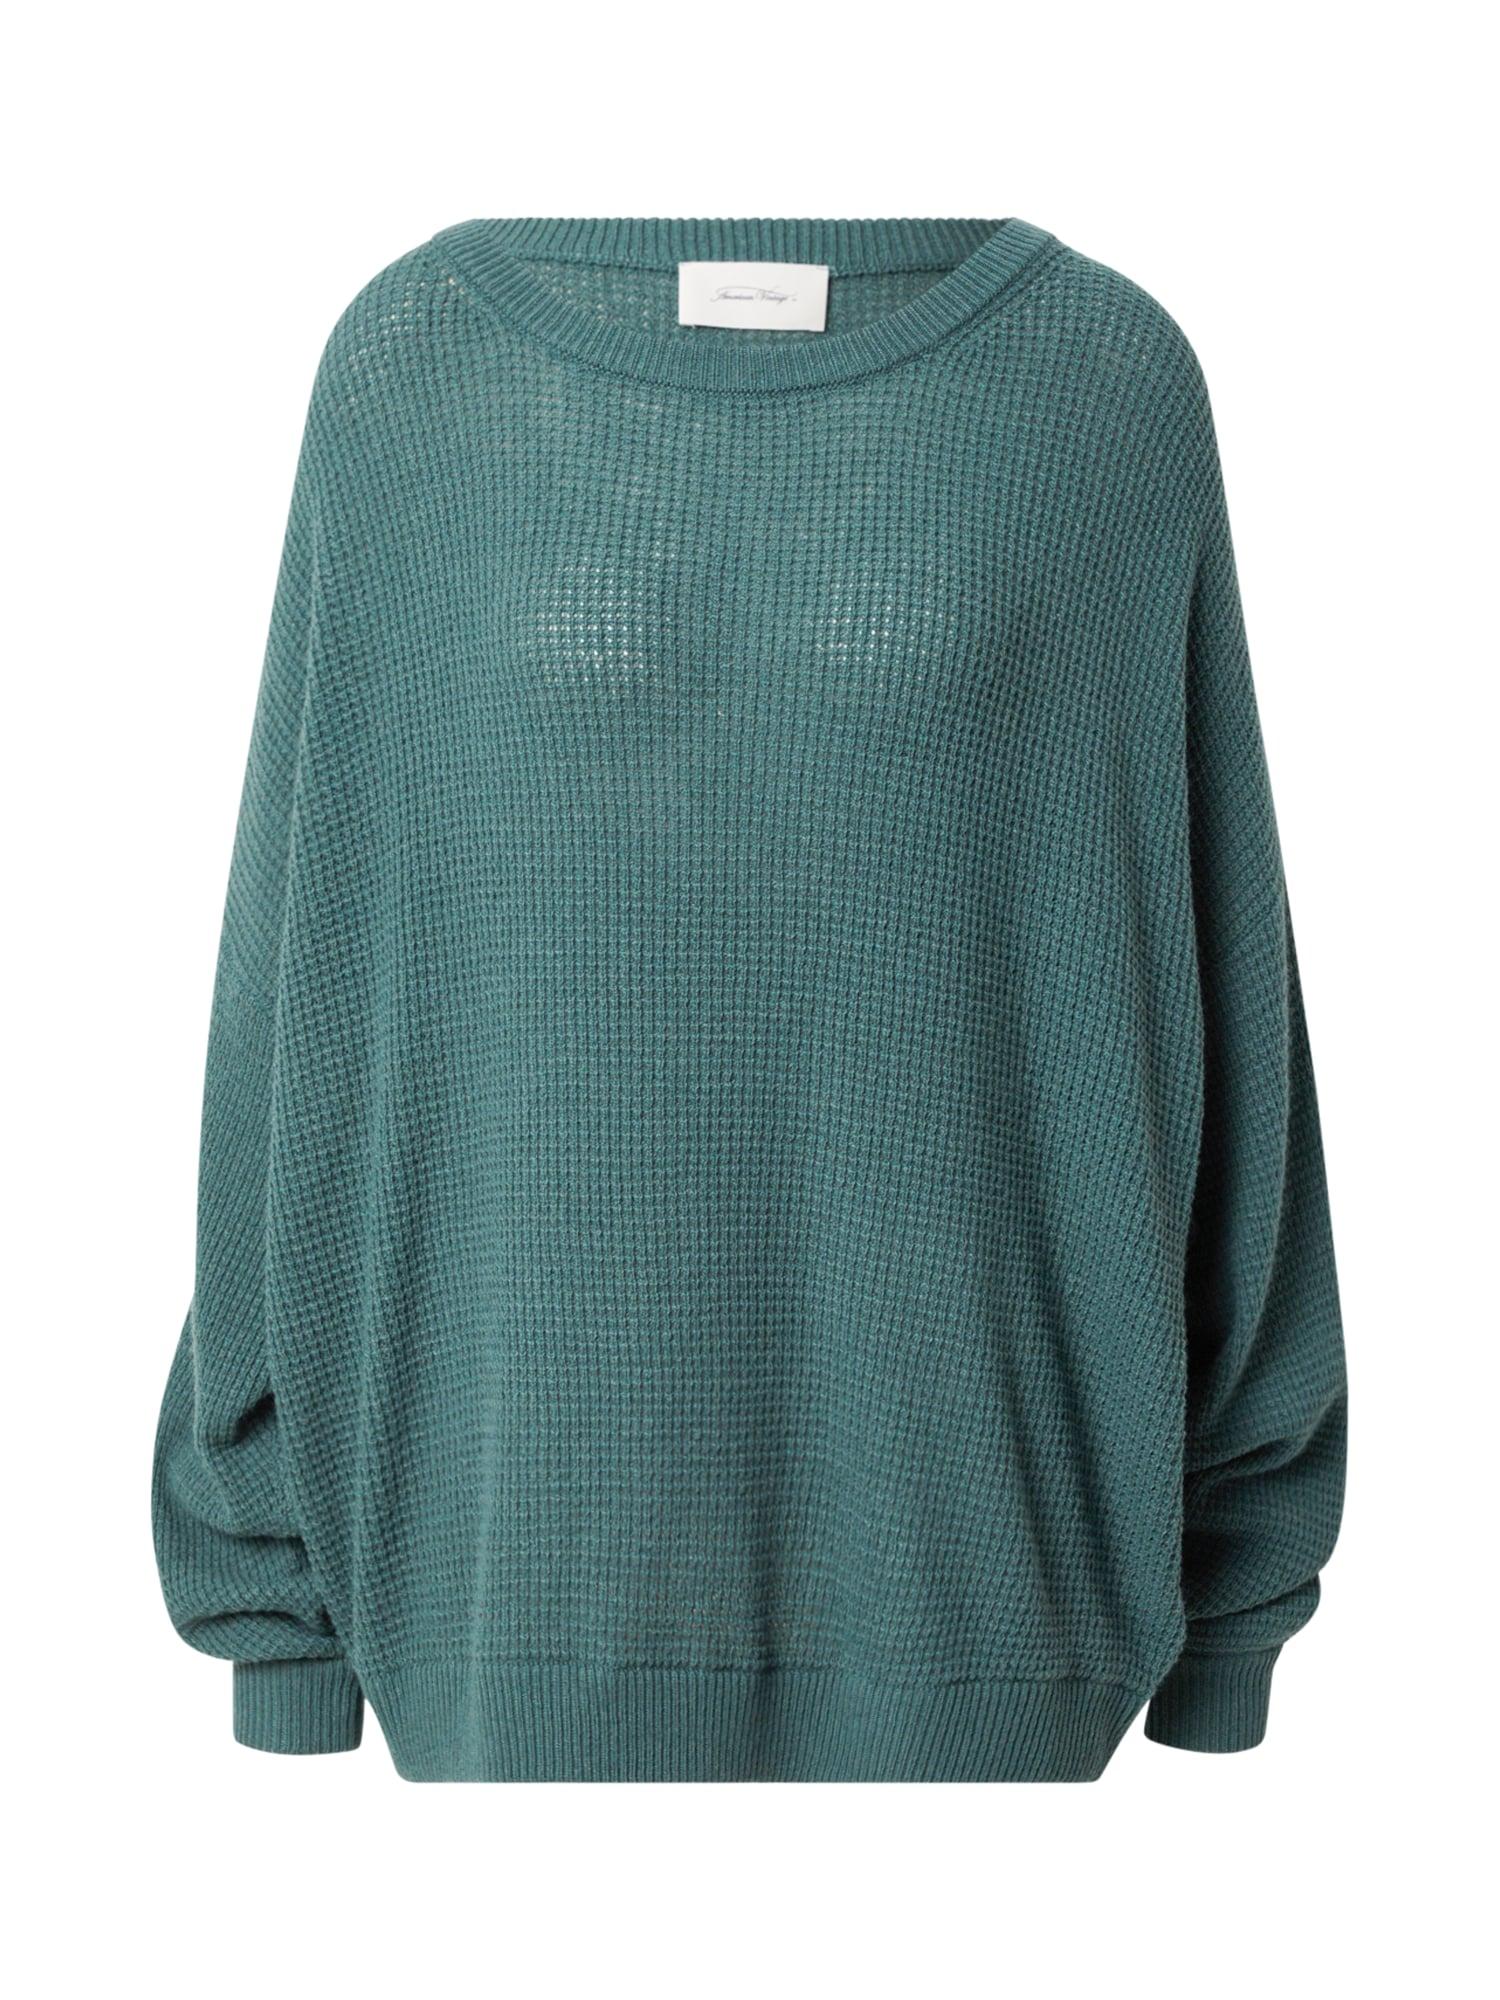 AMERICAN VINTAGE Laisvas megztinis